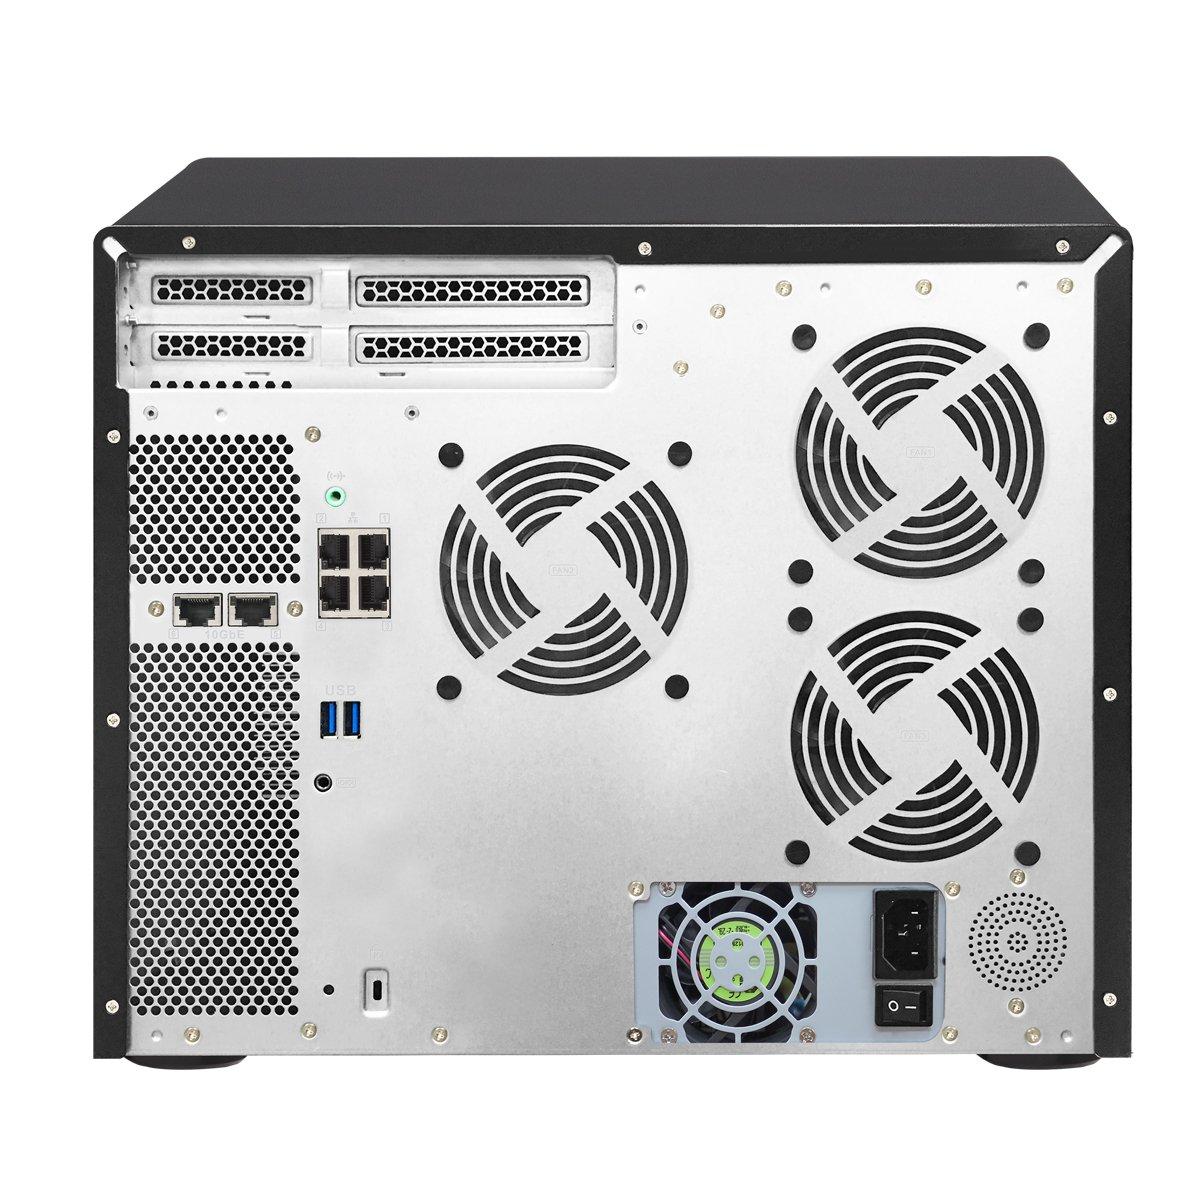 Qnap TS-1685-D1521-16G-US 16 Bay High-Capacity 10GbE iSCSI NAS by QNAP (Image #4)